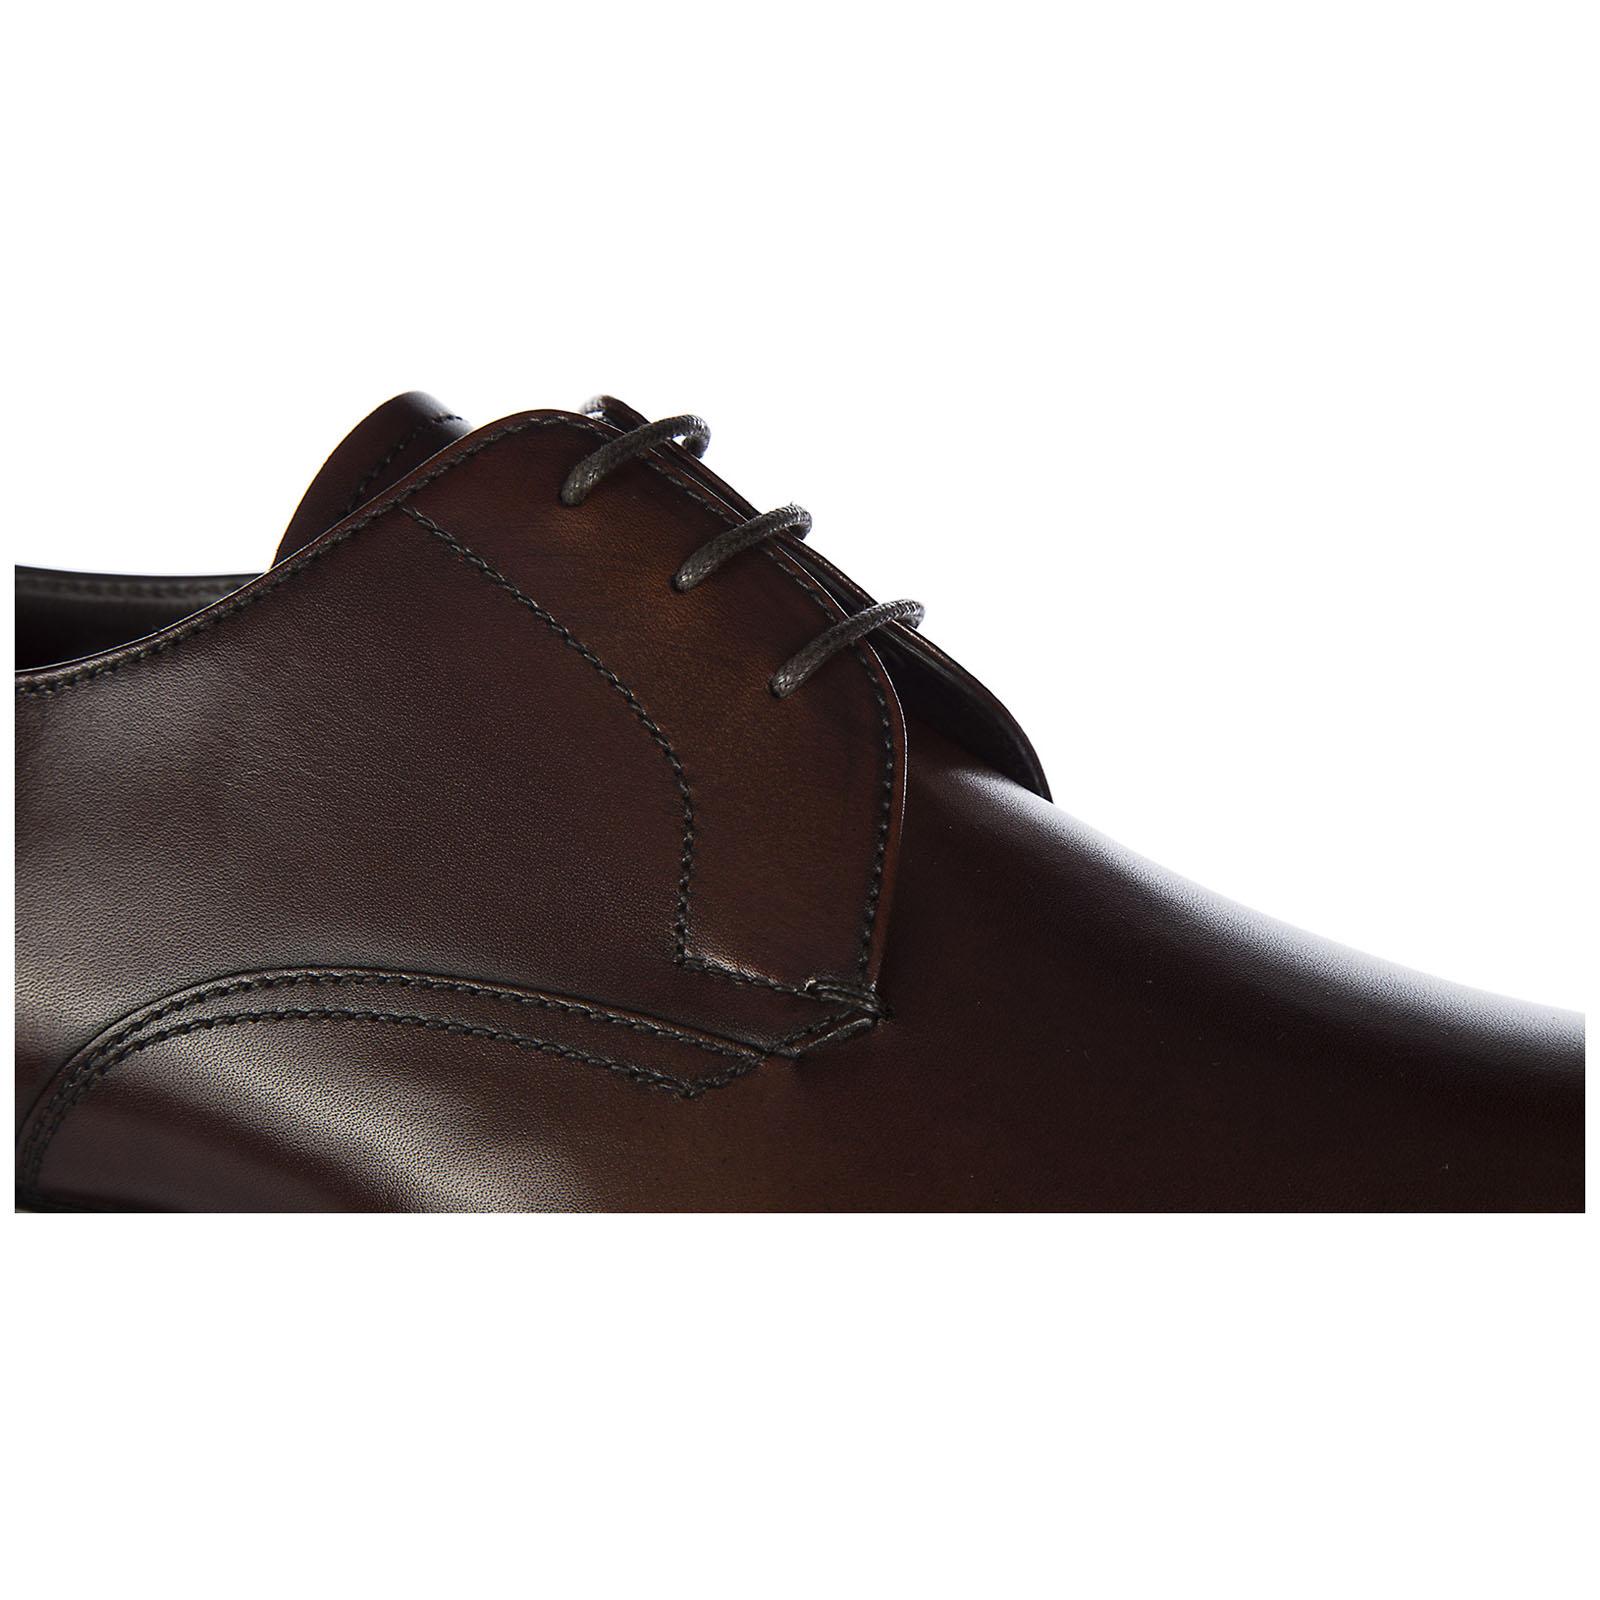 классические туфли на шнурках мужские кожаные derby